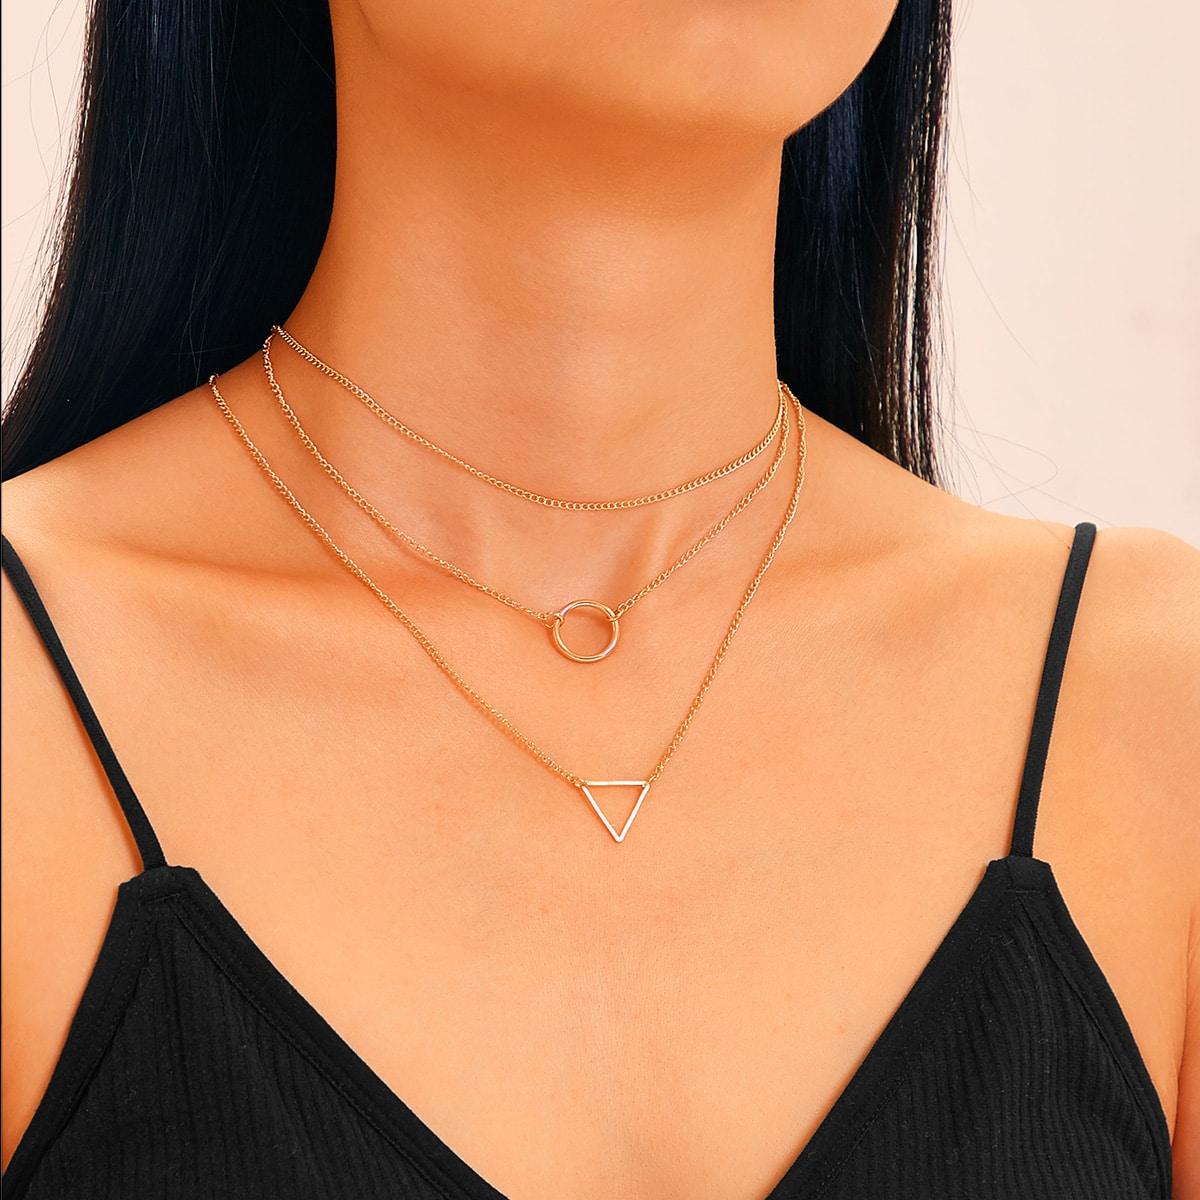 Geometric Charm Chain Necklace 3pcs